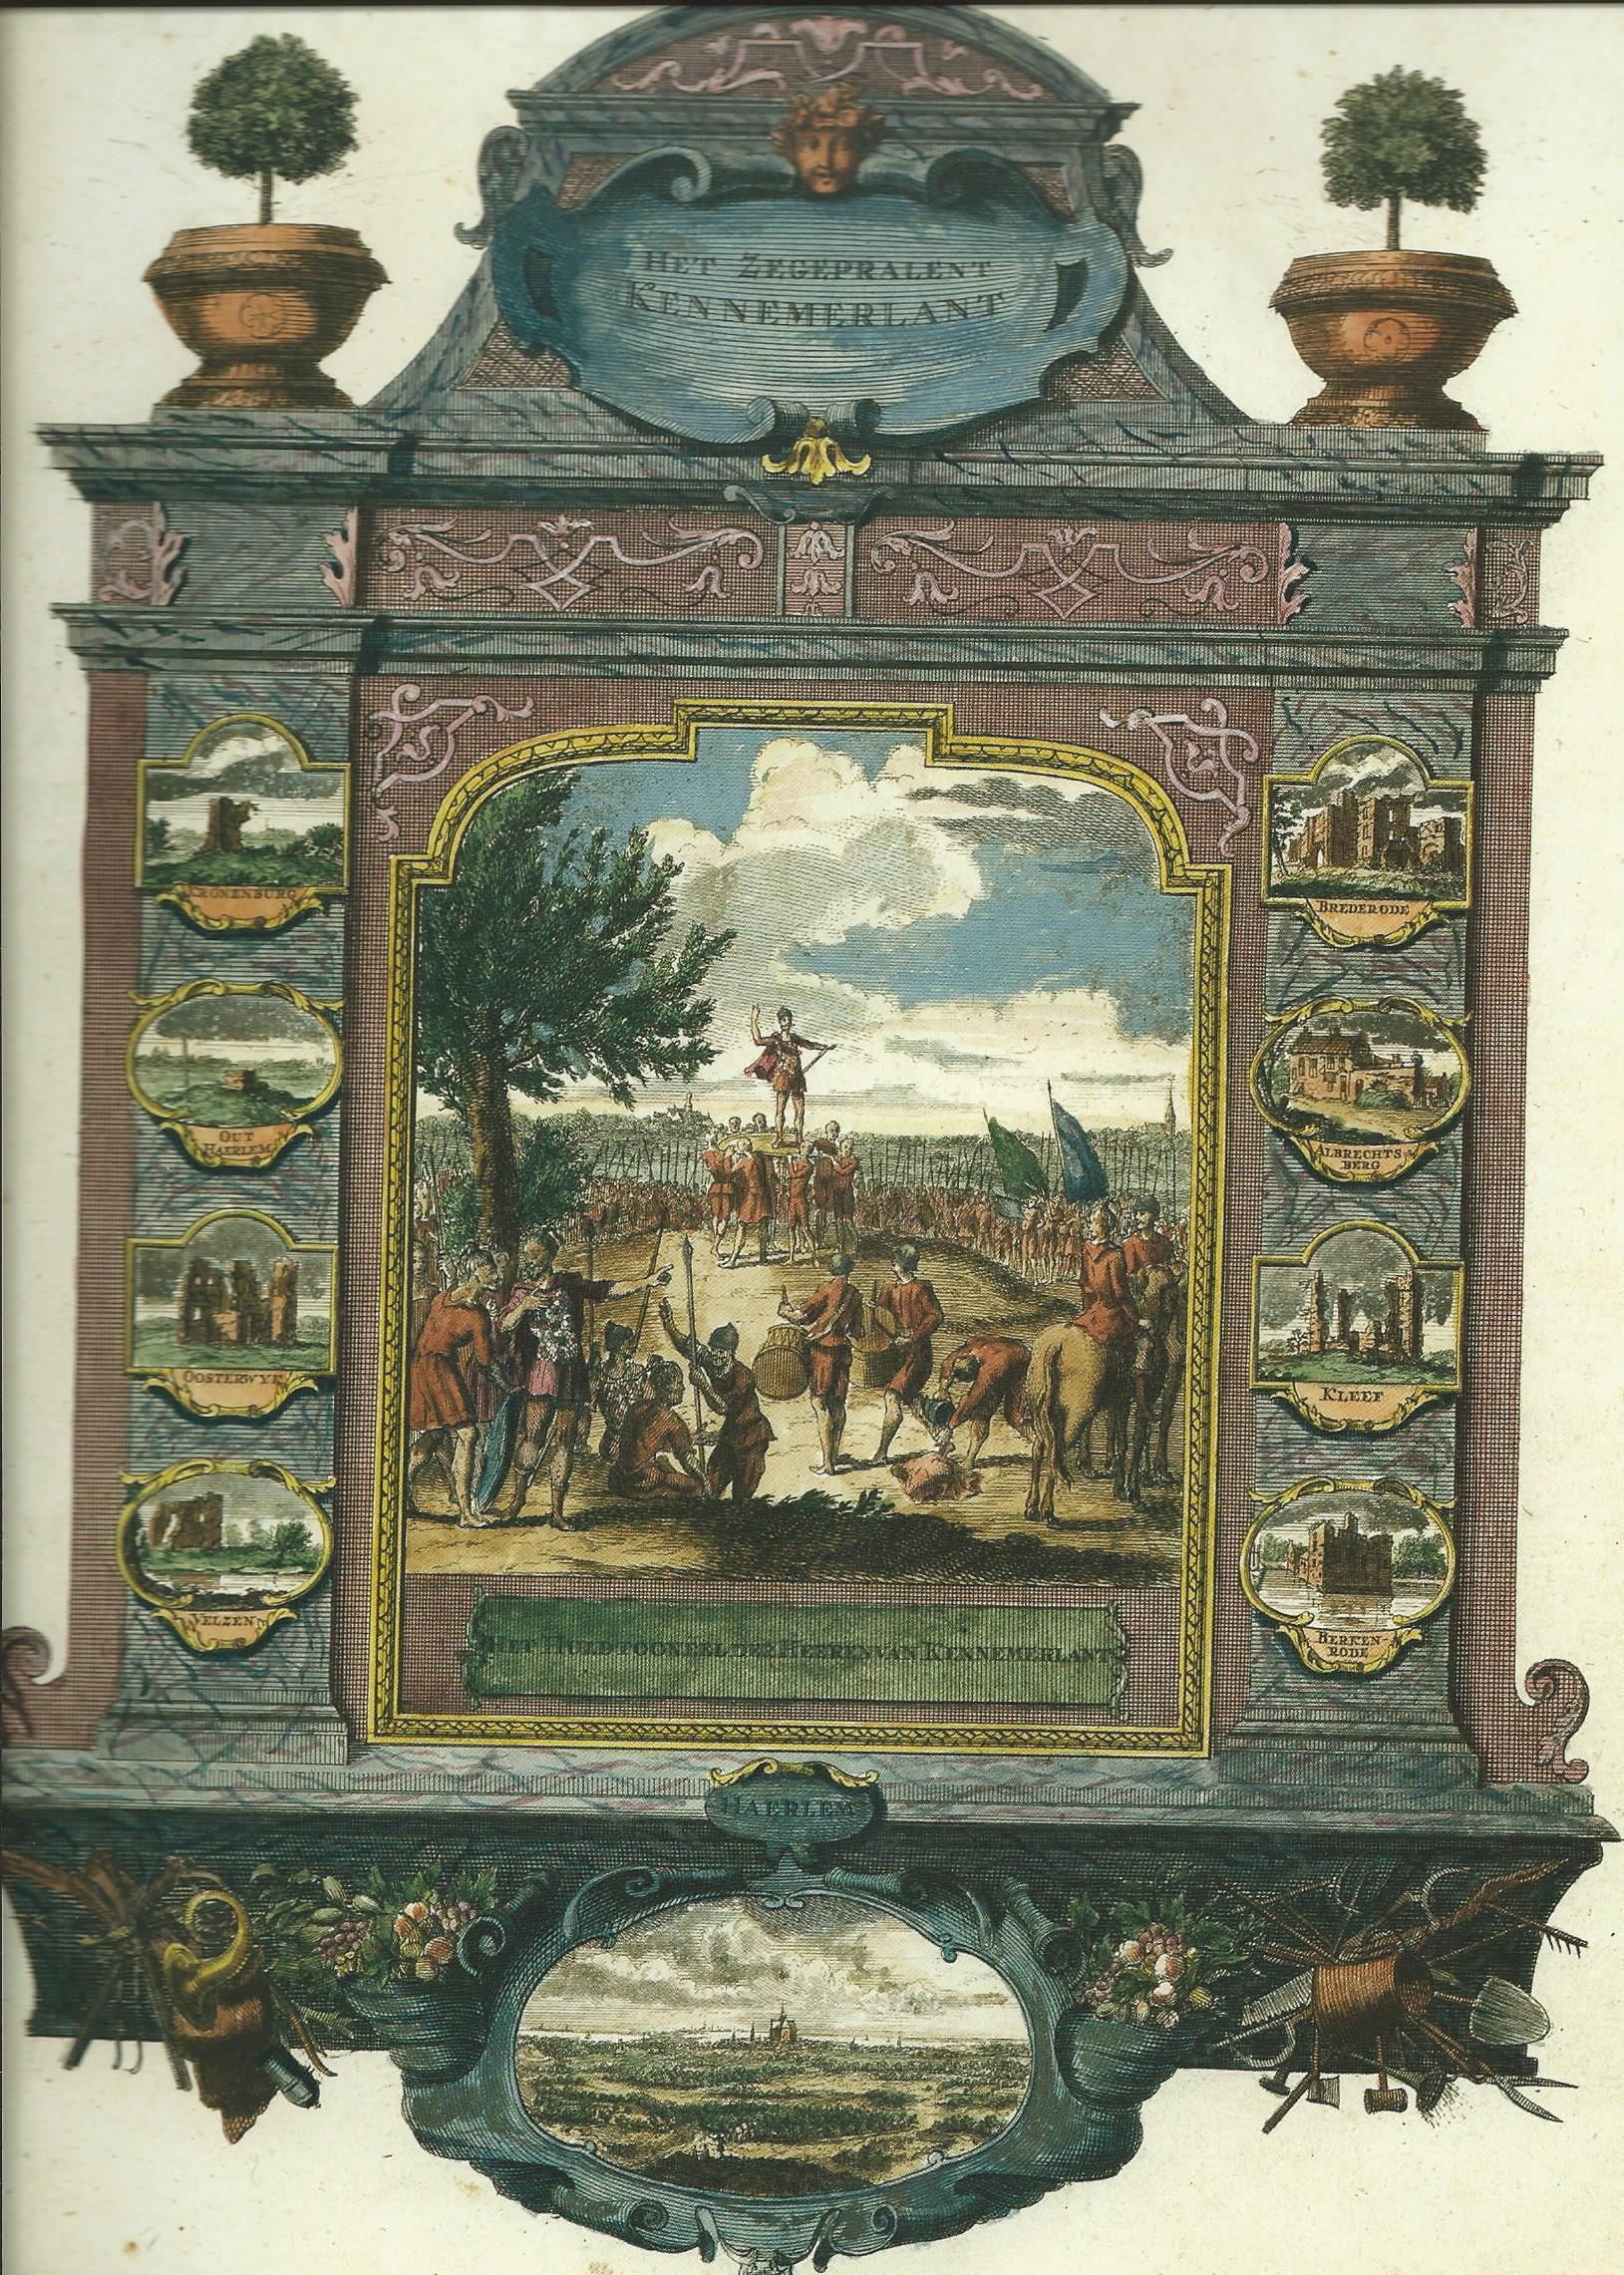 Ingekleurde gravure van 'Het Zegenpralent Kennemerlant' met prenten van Henbdrik de Leth (1703-1766). Rechtsonder is de ruïne van Berkenrode afgebeeld.